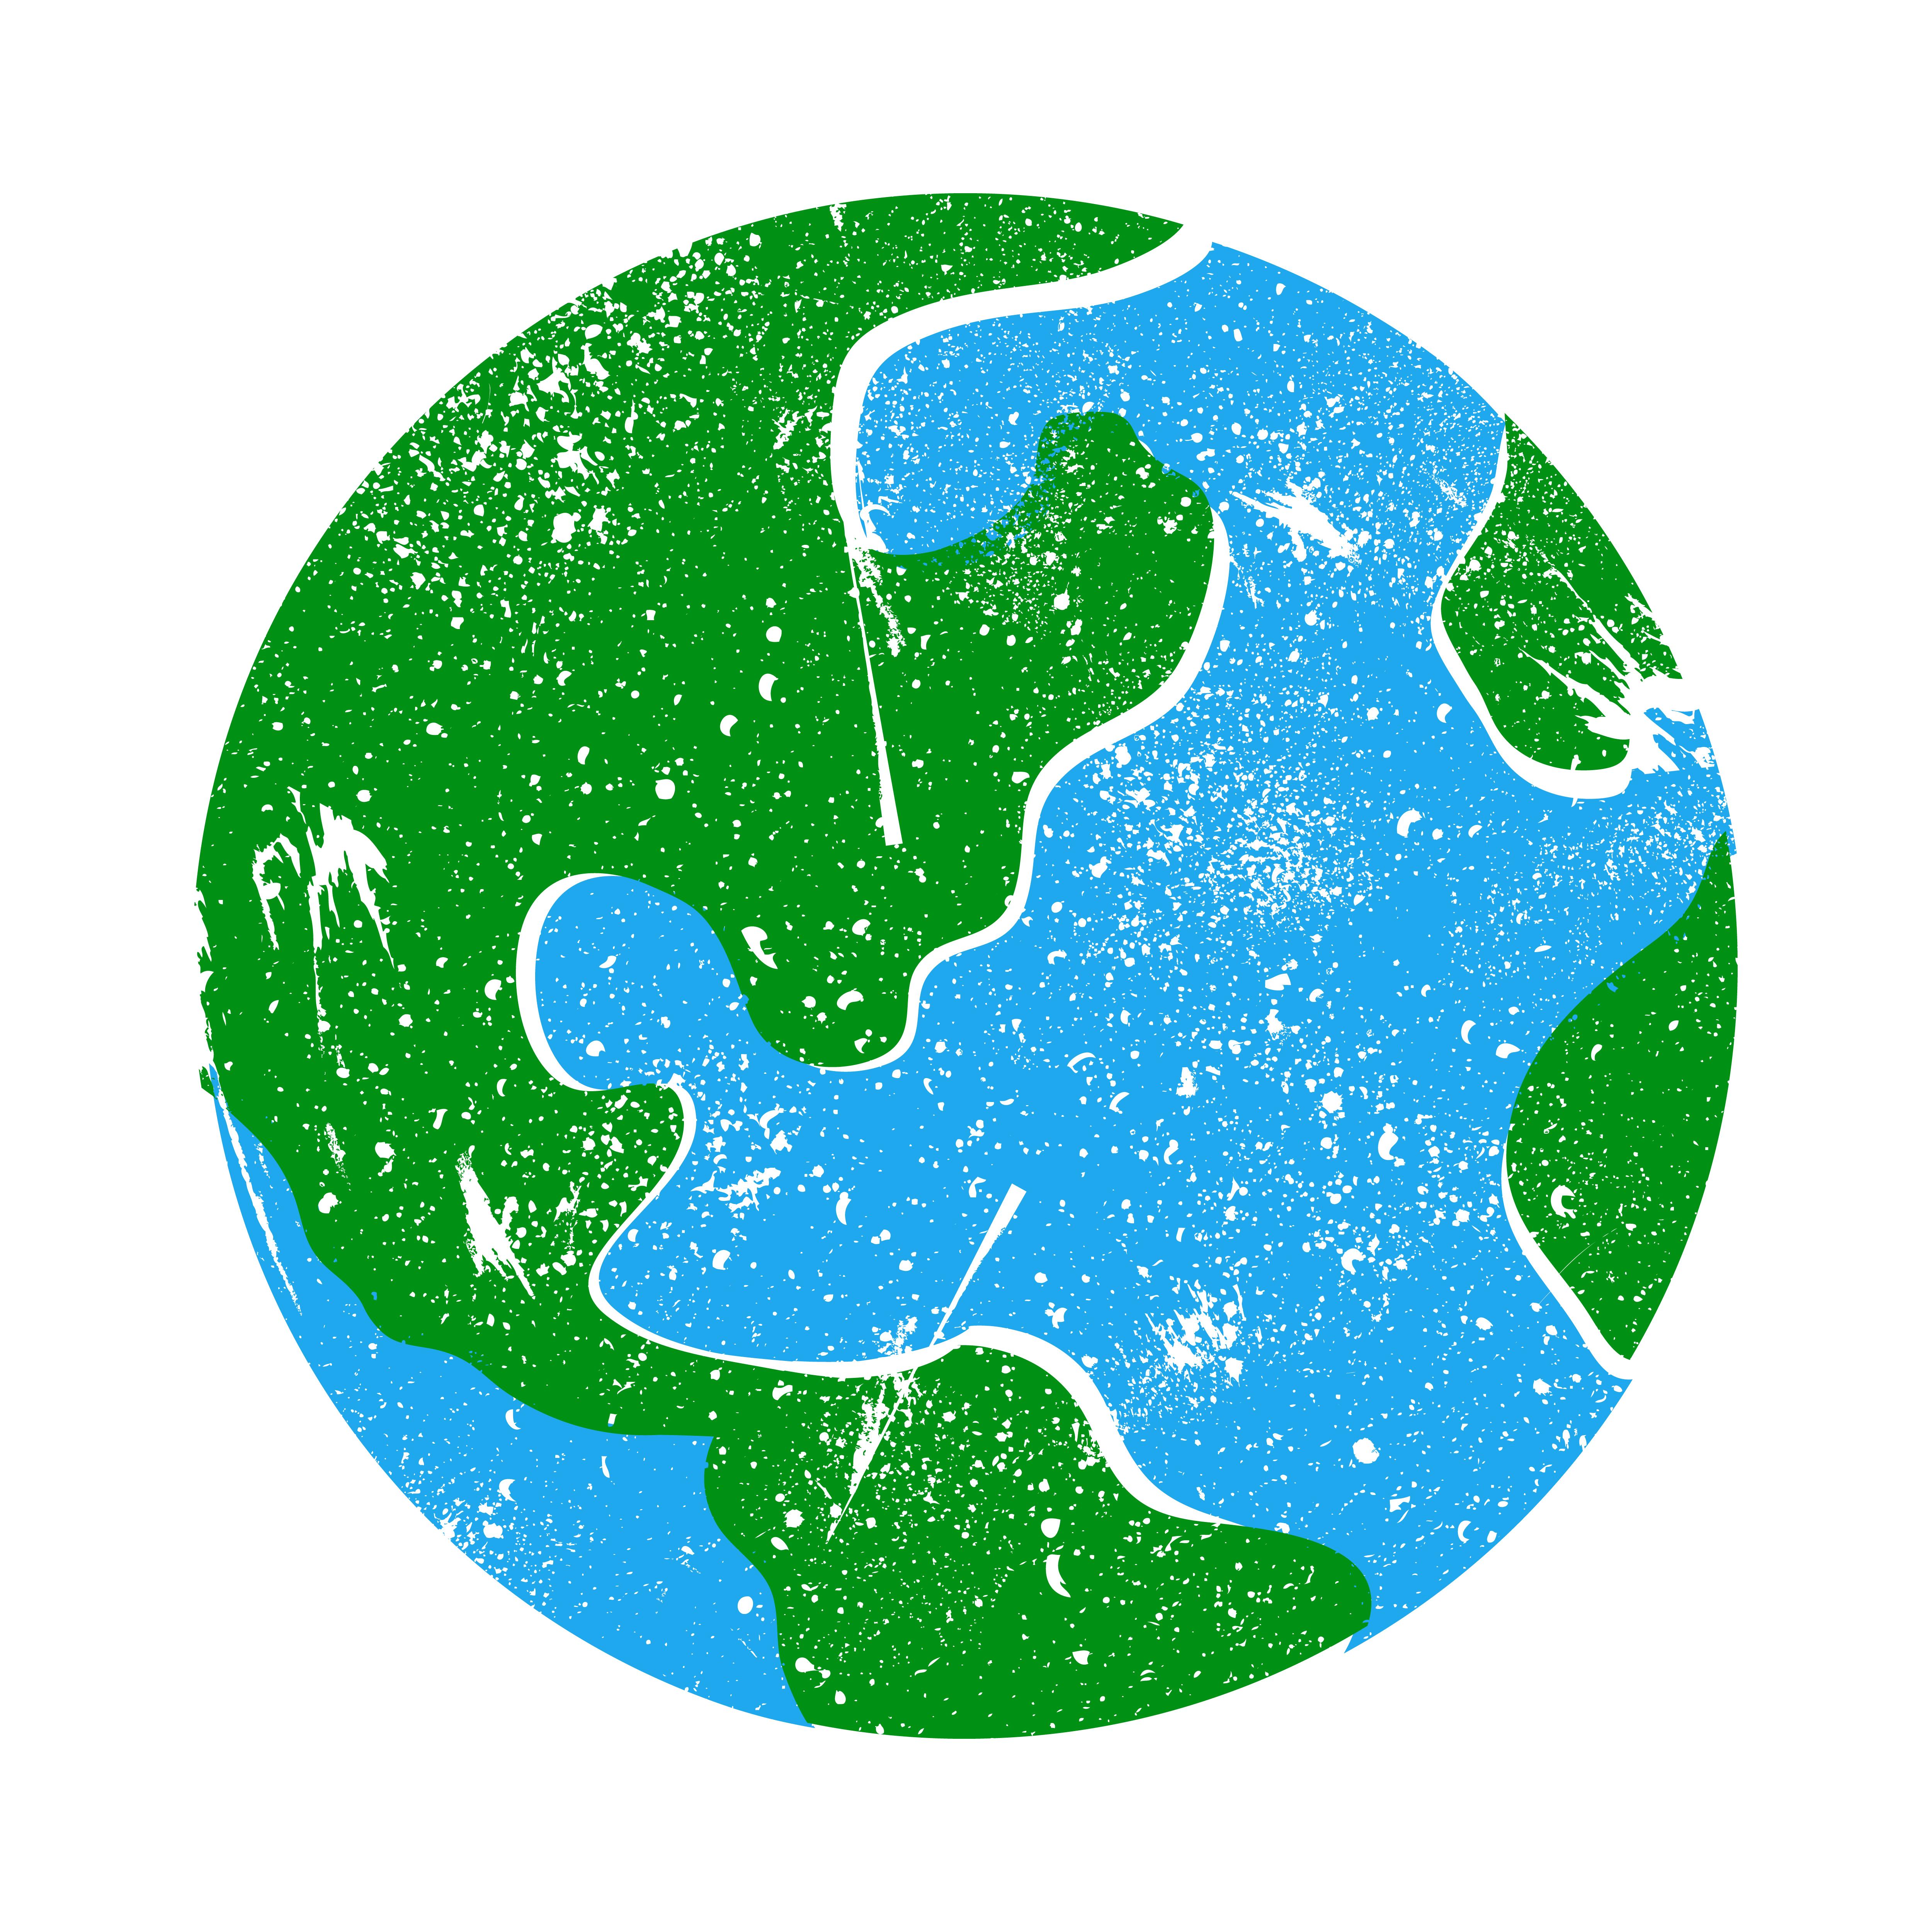 卡通地球 免費下載 | 天天瘋後製